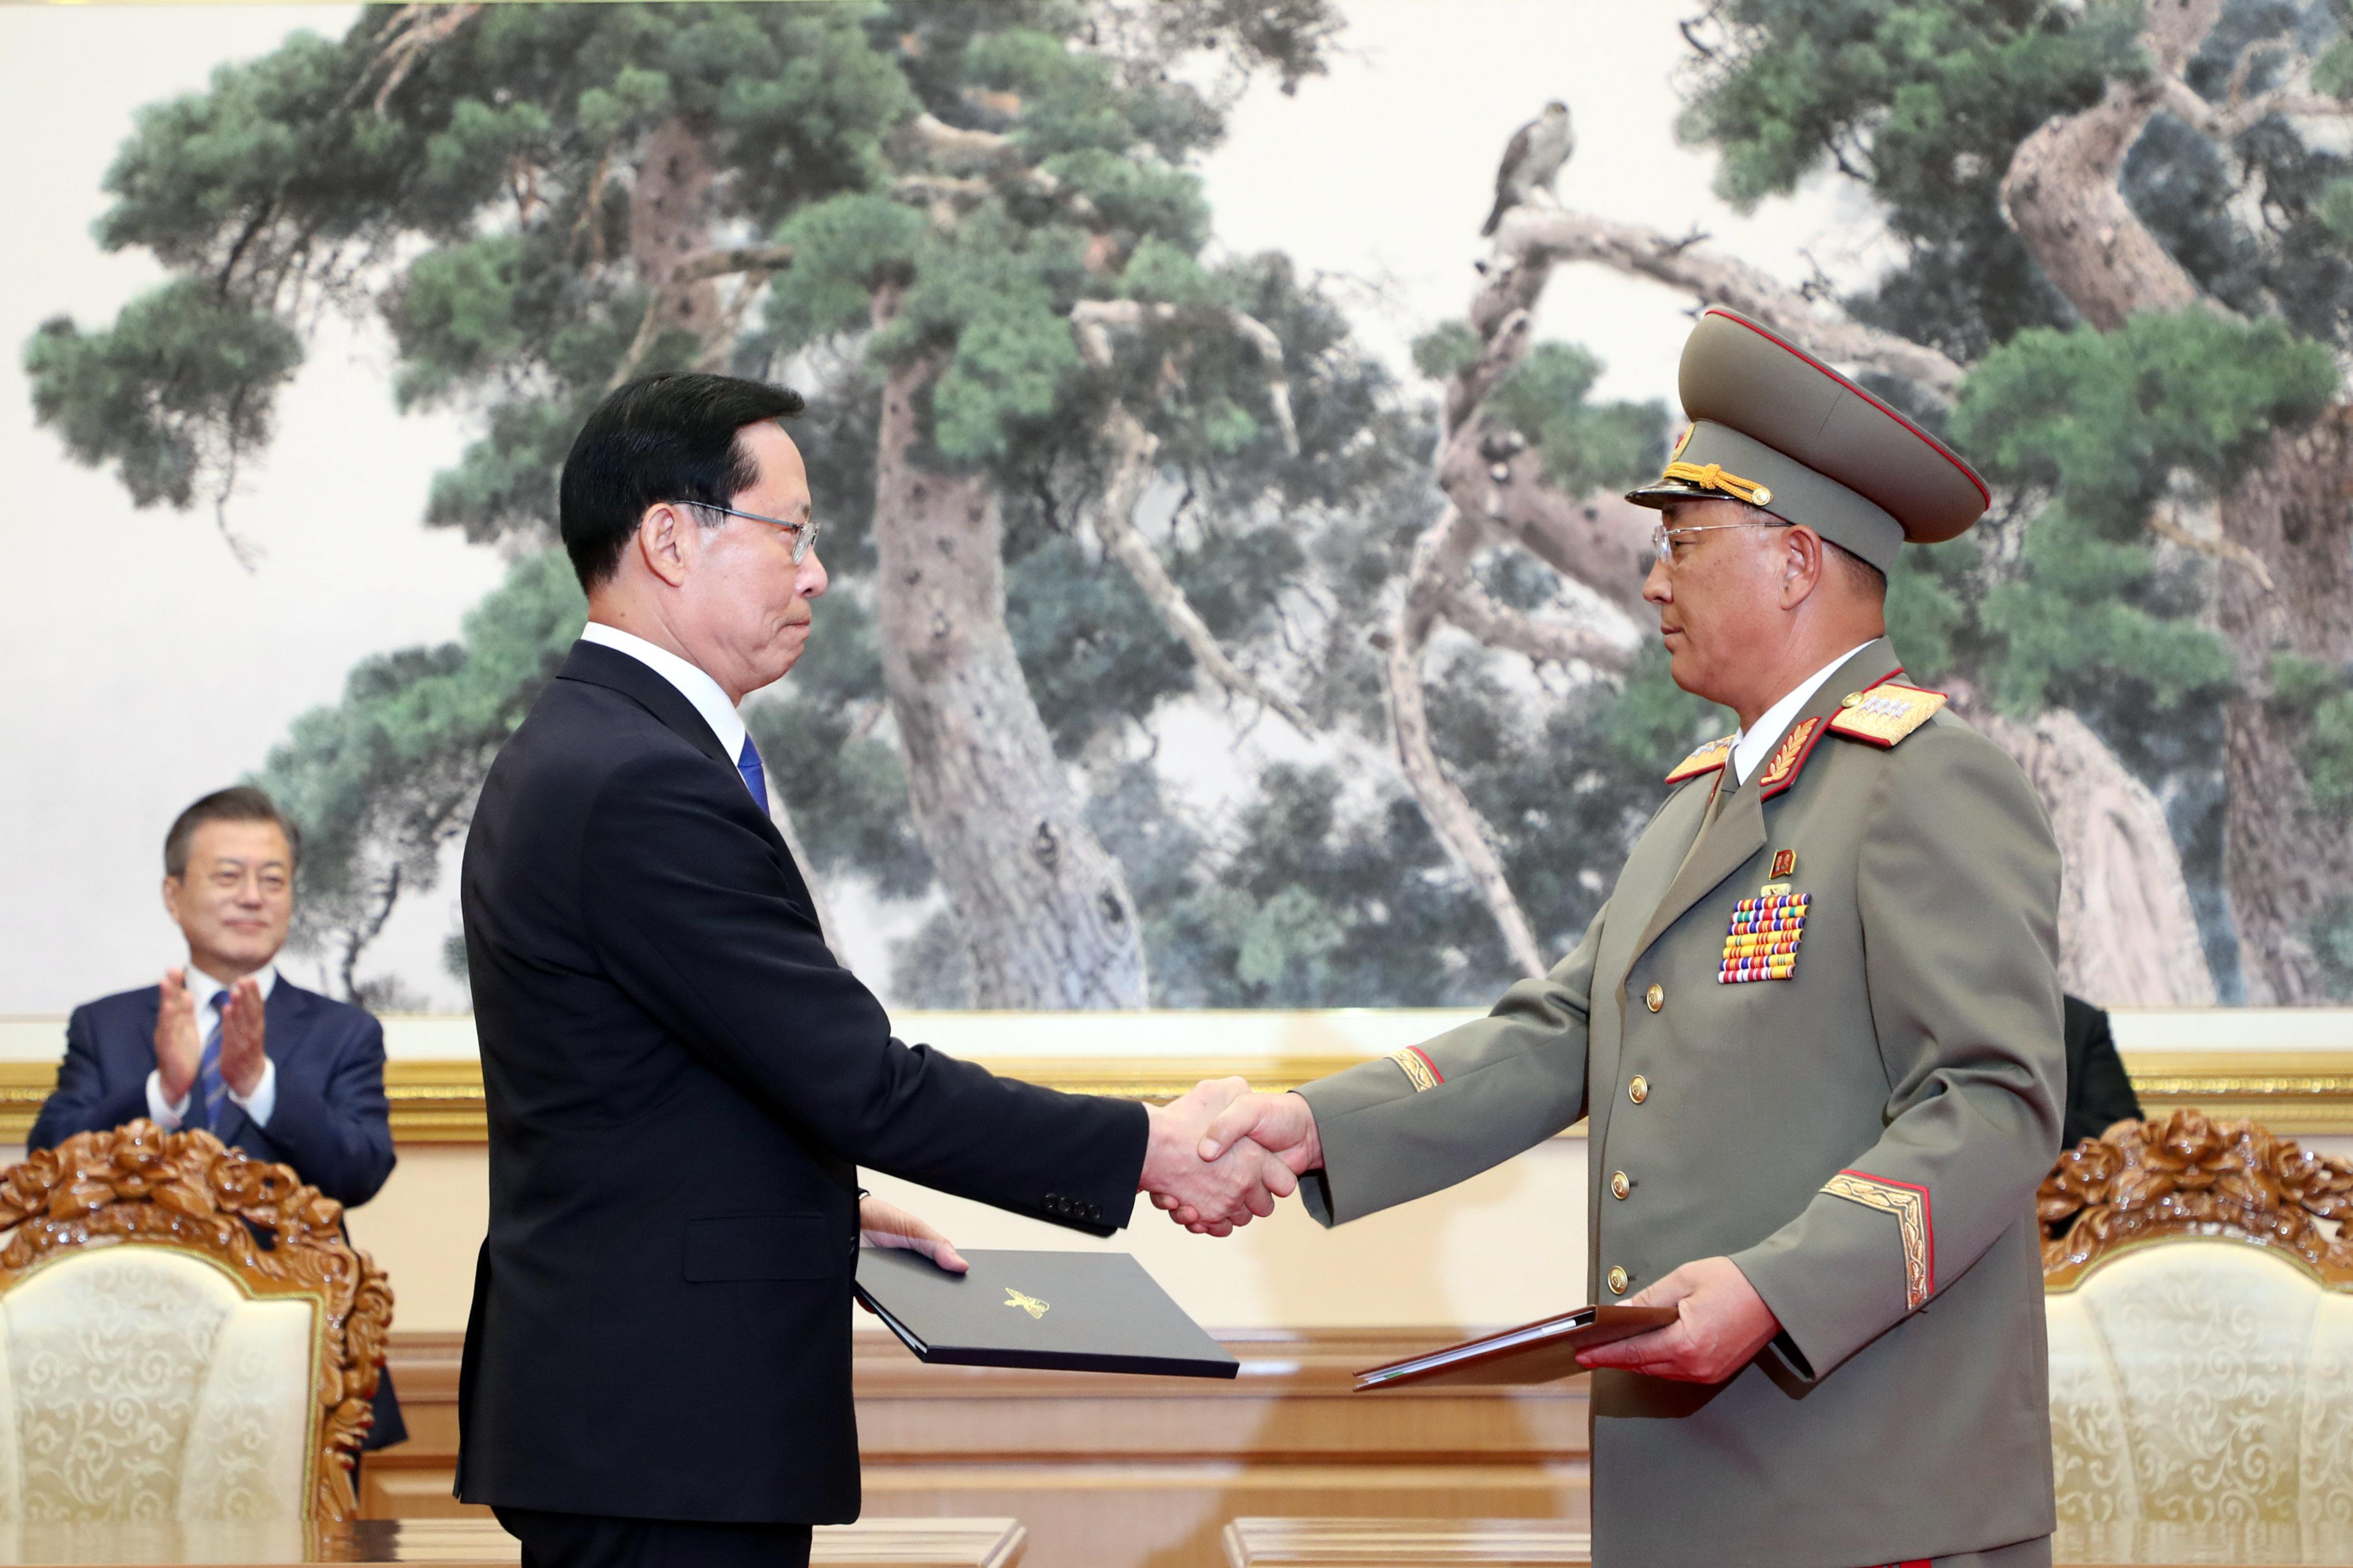 남북 군사합의가 판문점 관광 프로그램에 가져올